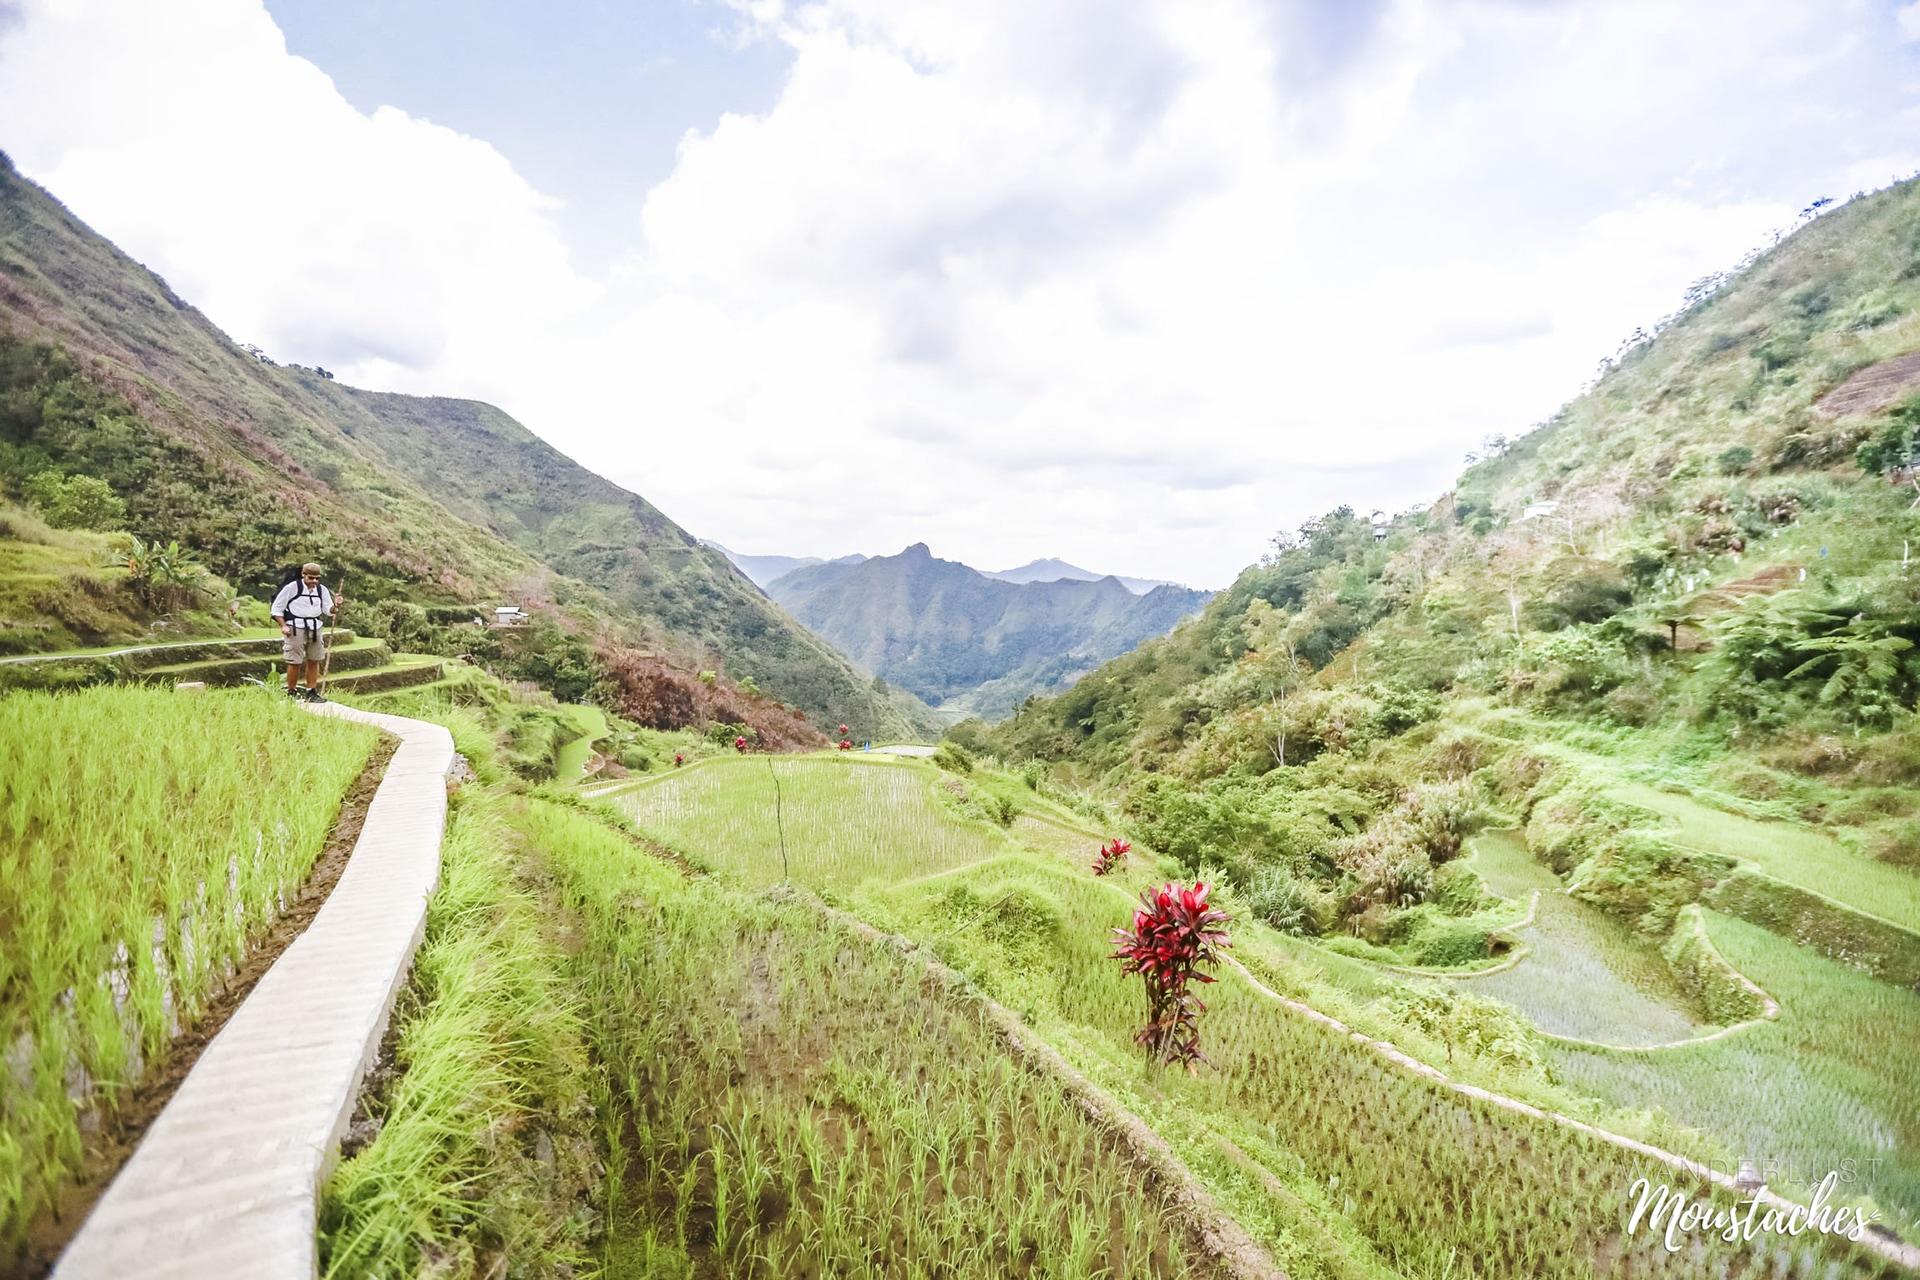 Sur le chemin du retour du trek, en plein milieu des rizières, aux Philippines